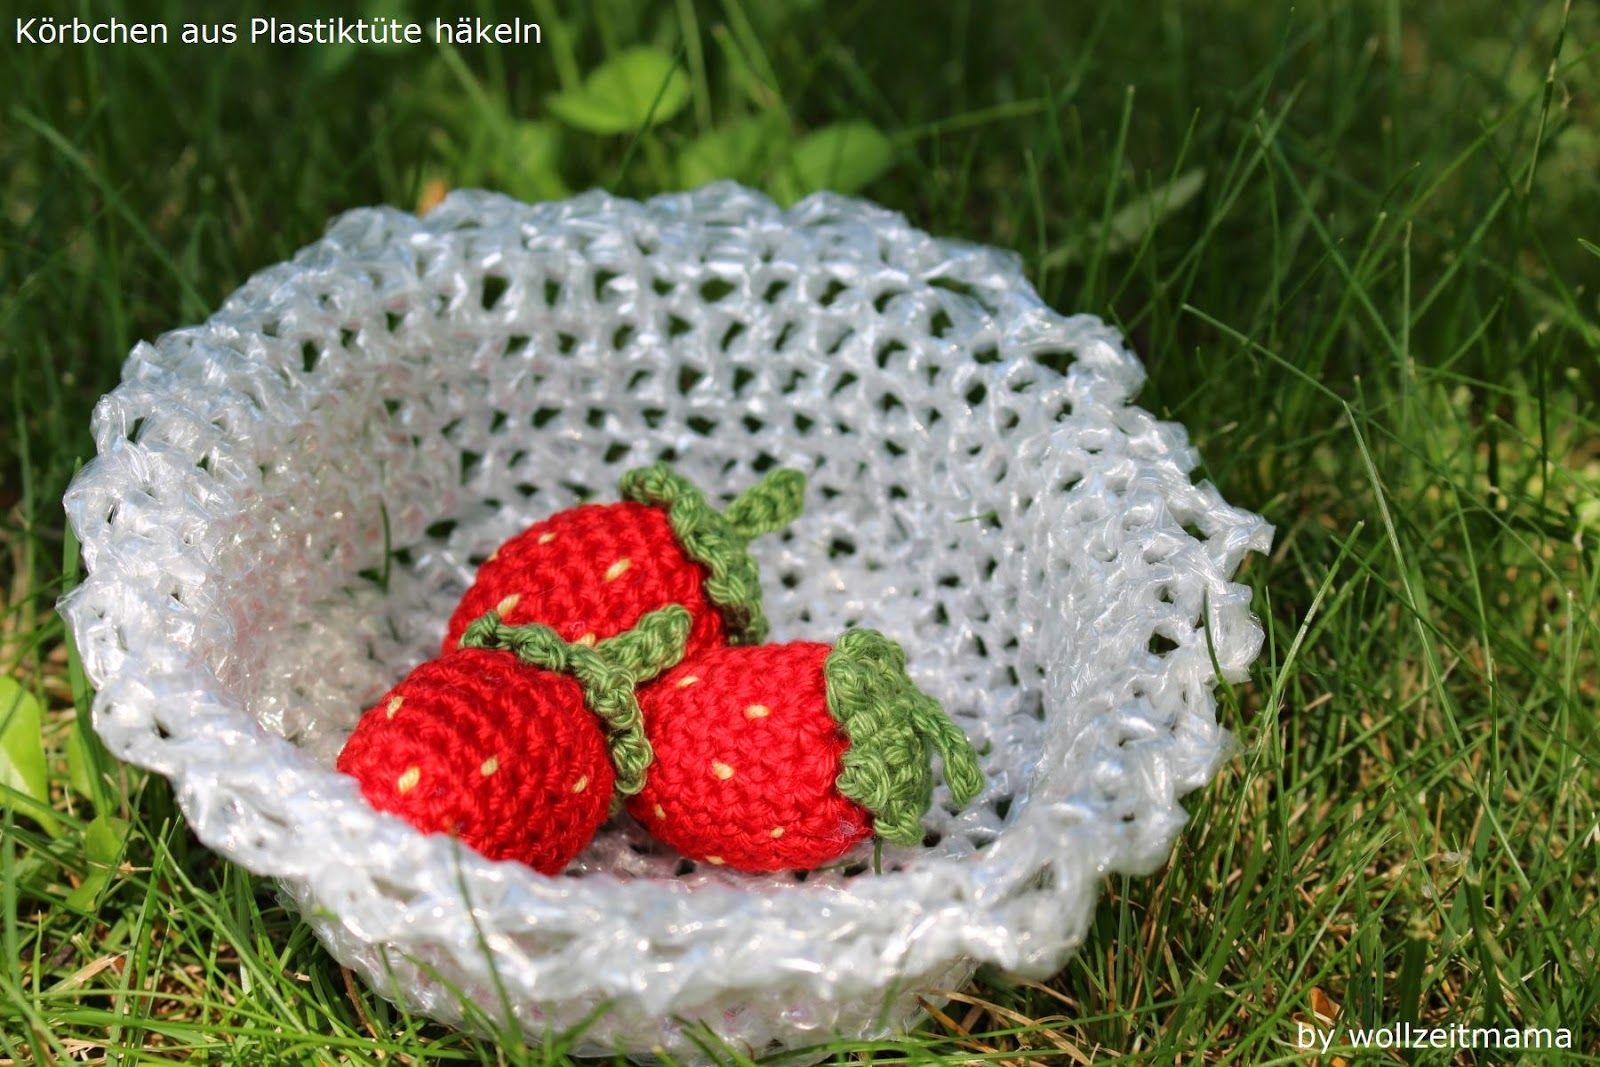 Körbchen Aus Plastiktüte Häkeln Anleitung Kostenlos Recycling